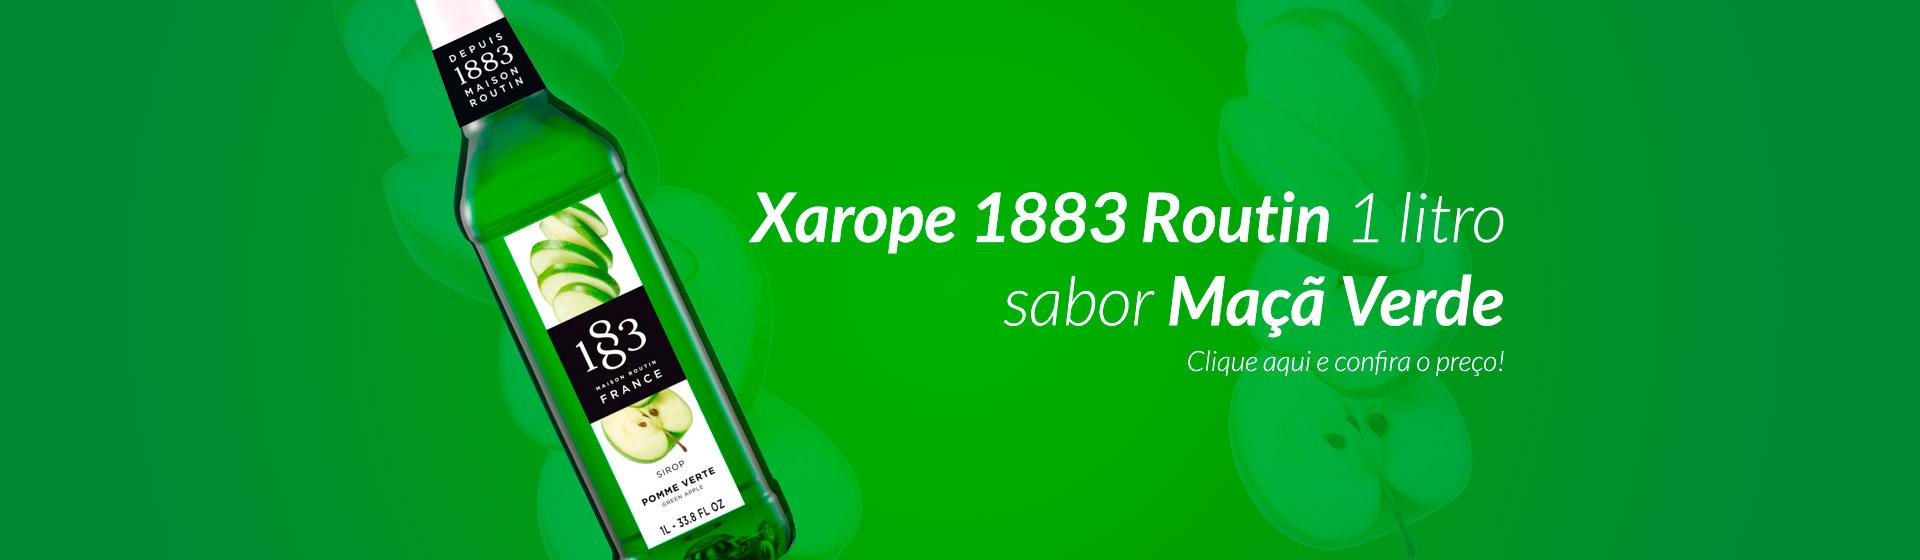 Xarope 1883 Maçã Verde